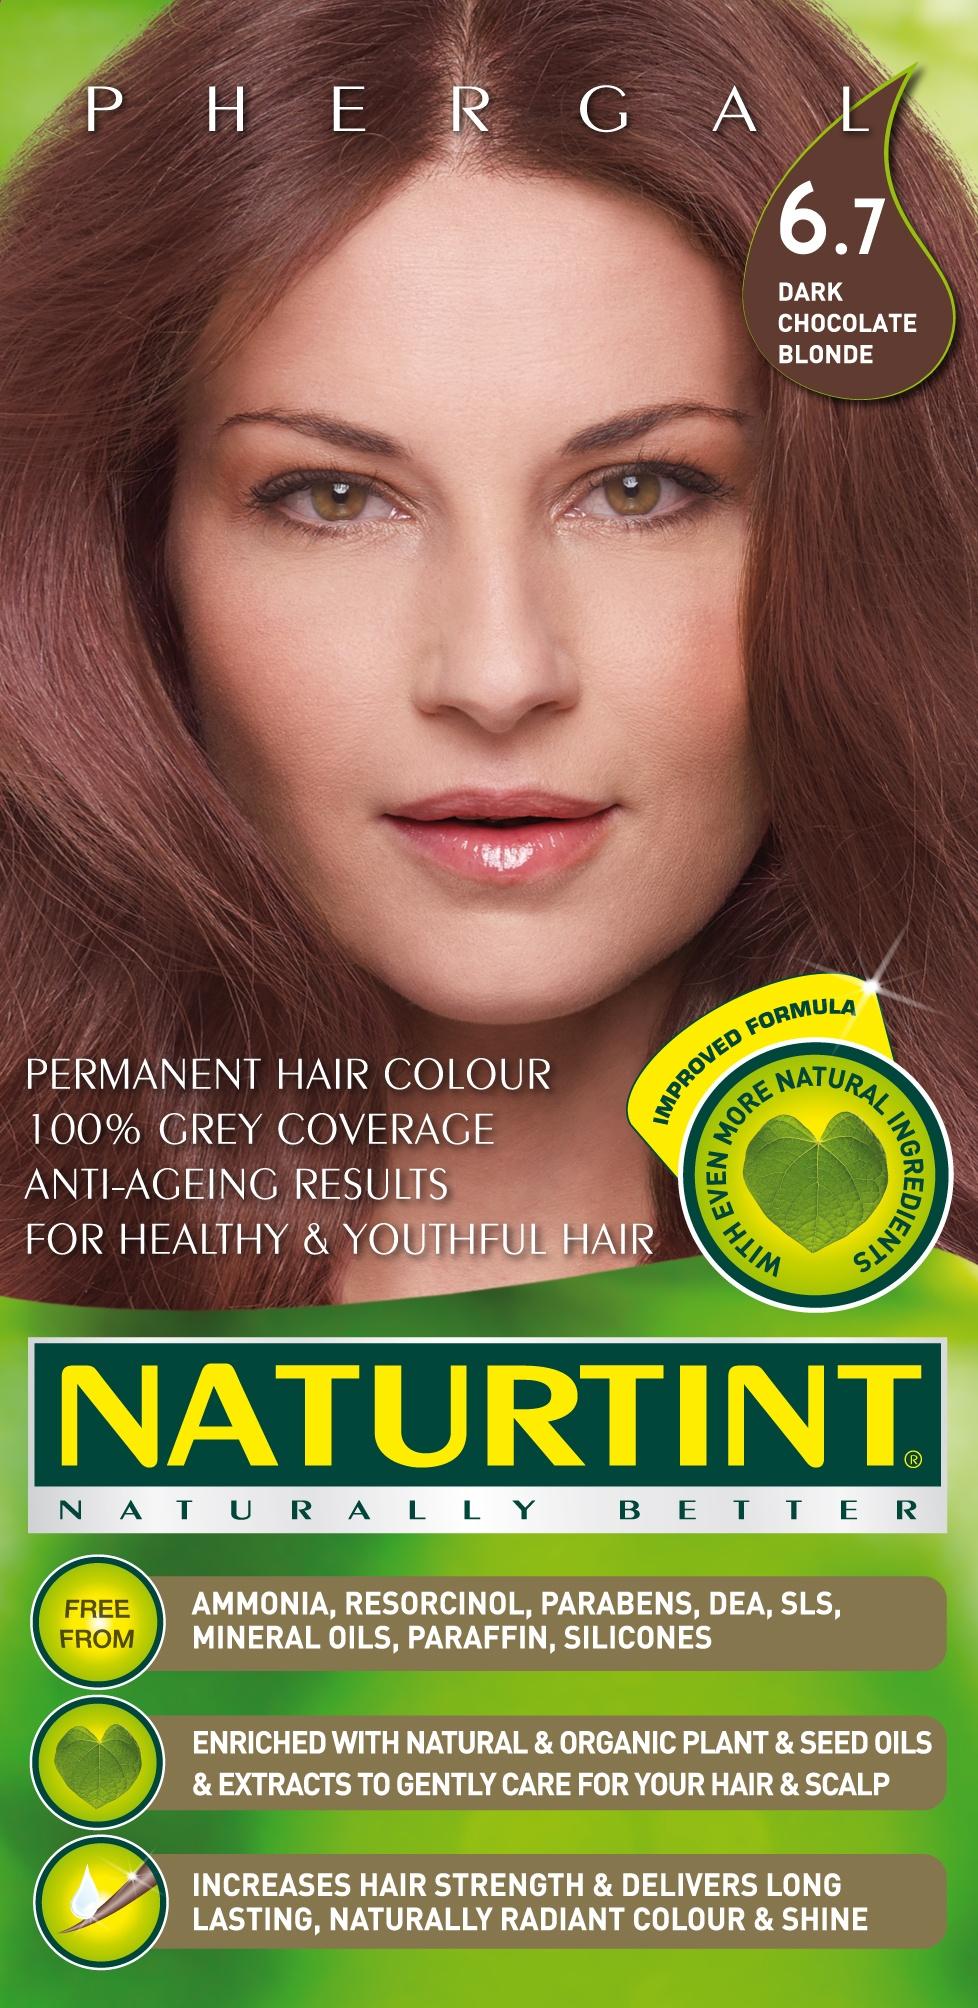 Naturtint Dark Chocolate Blonde 6.7 Permanent